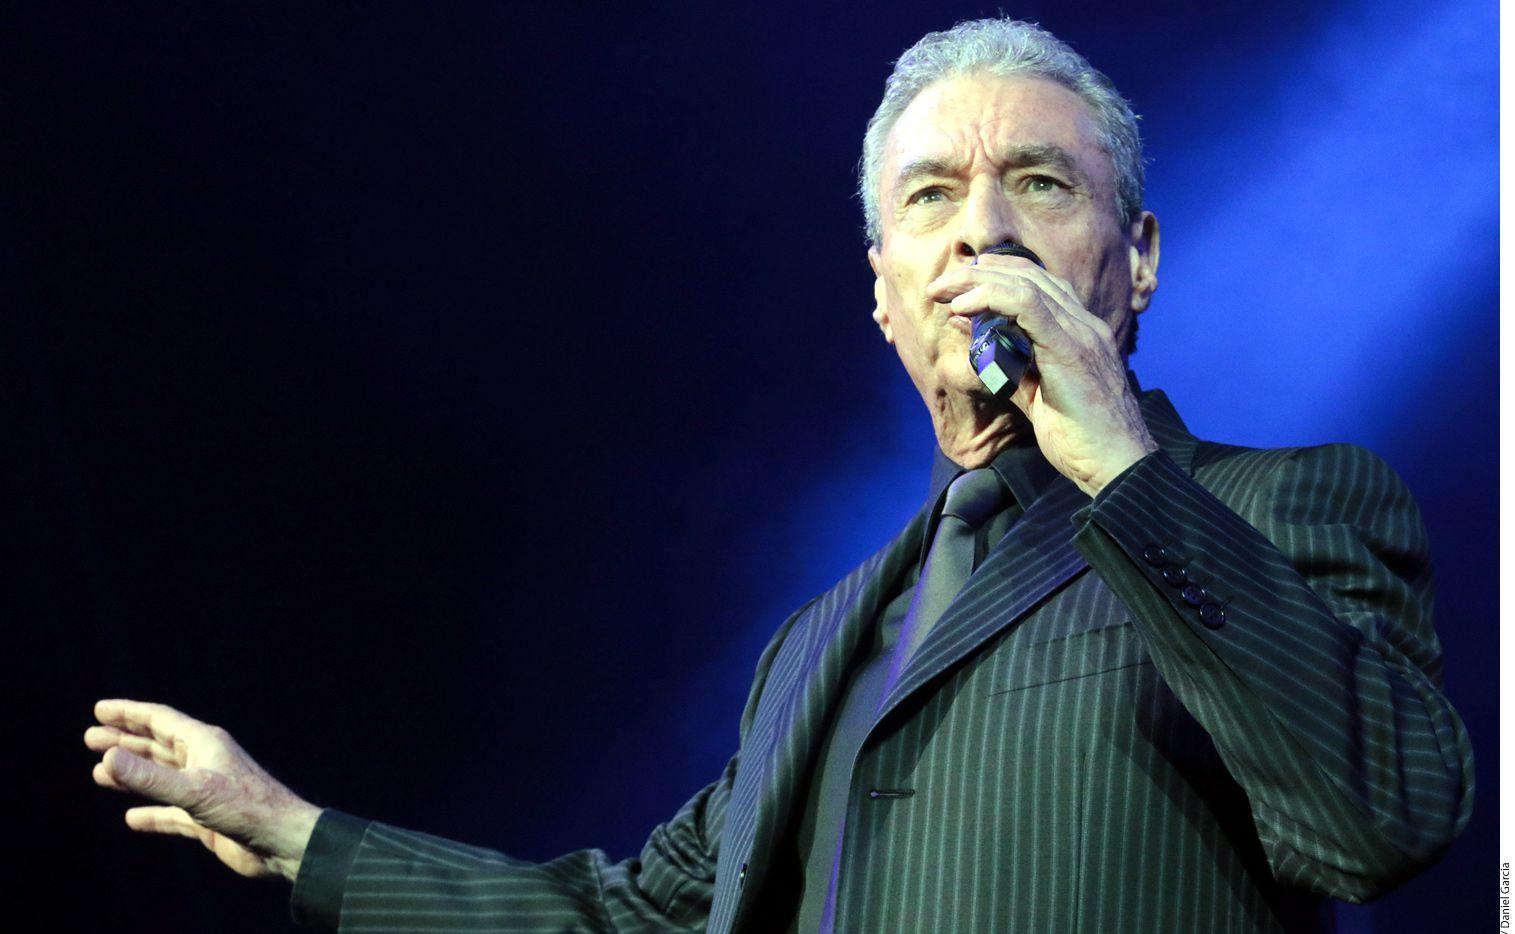 El cantante de 77 años,César Costa, quien forma parte del espectáculo Juntos por Última Vez, afirmó que el público extraña al México de antes. (AGENCIA REFORMA)